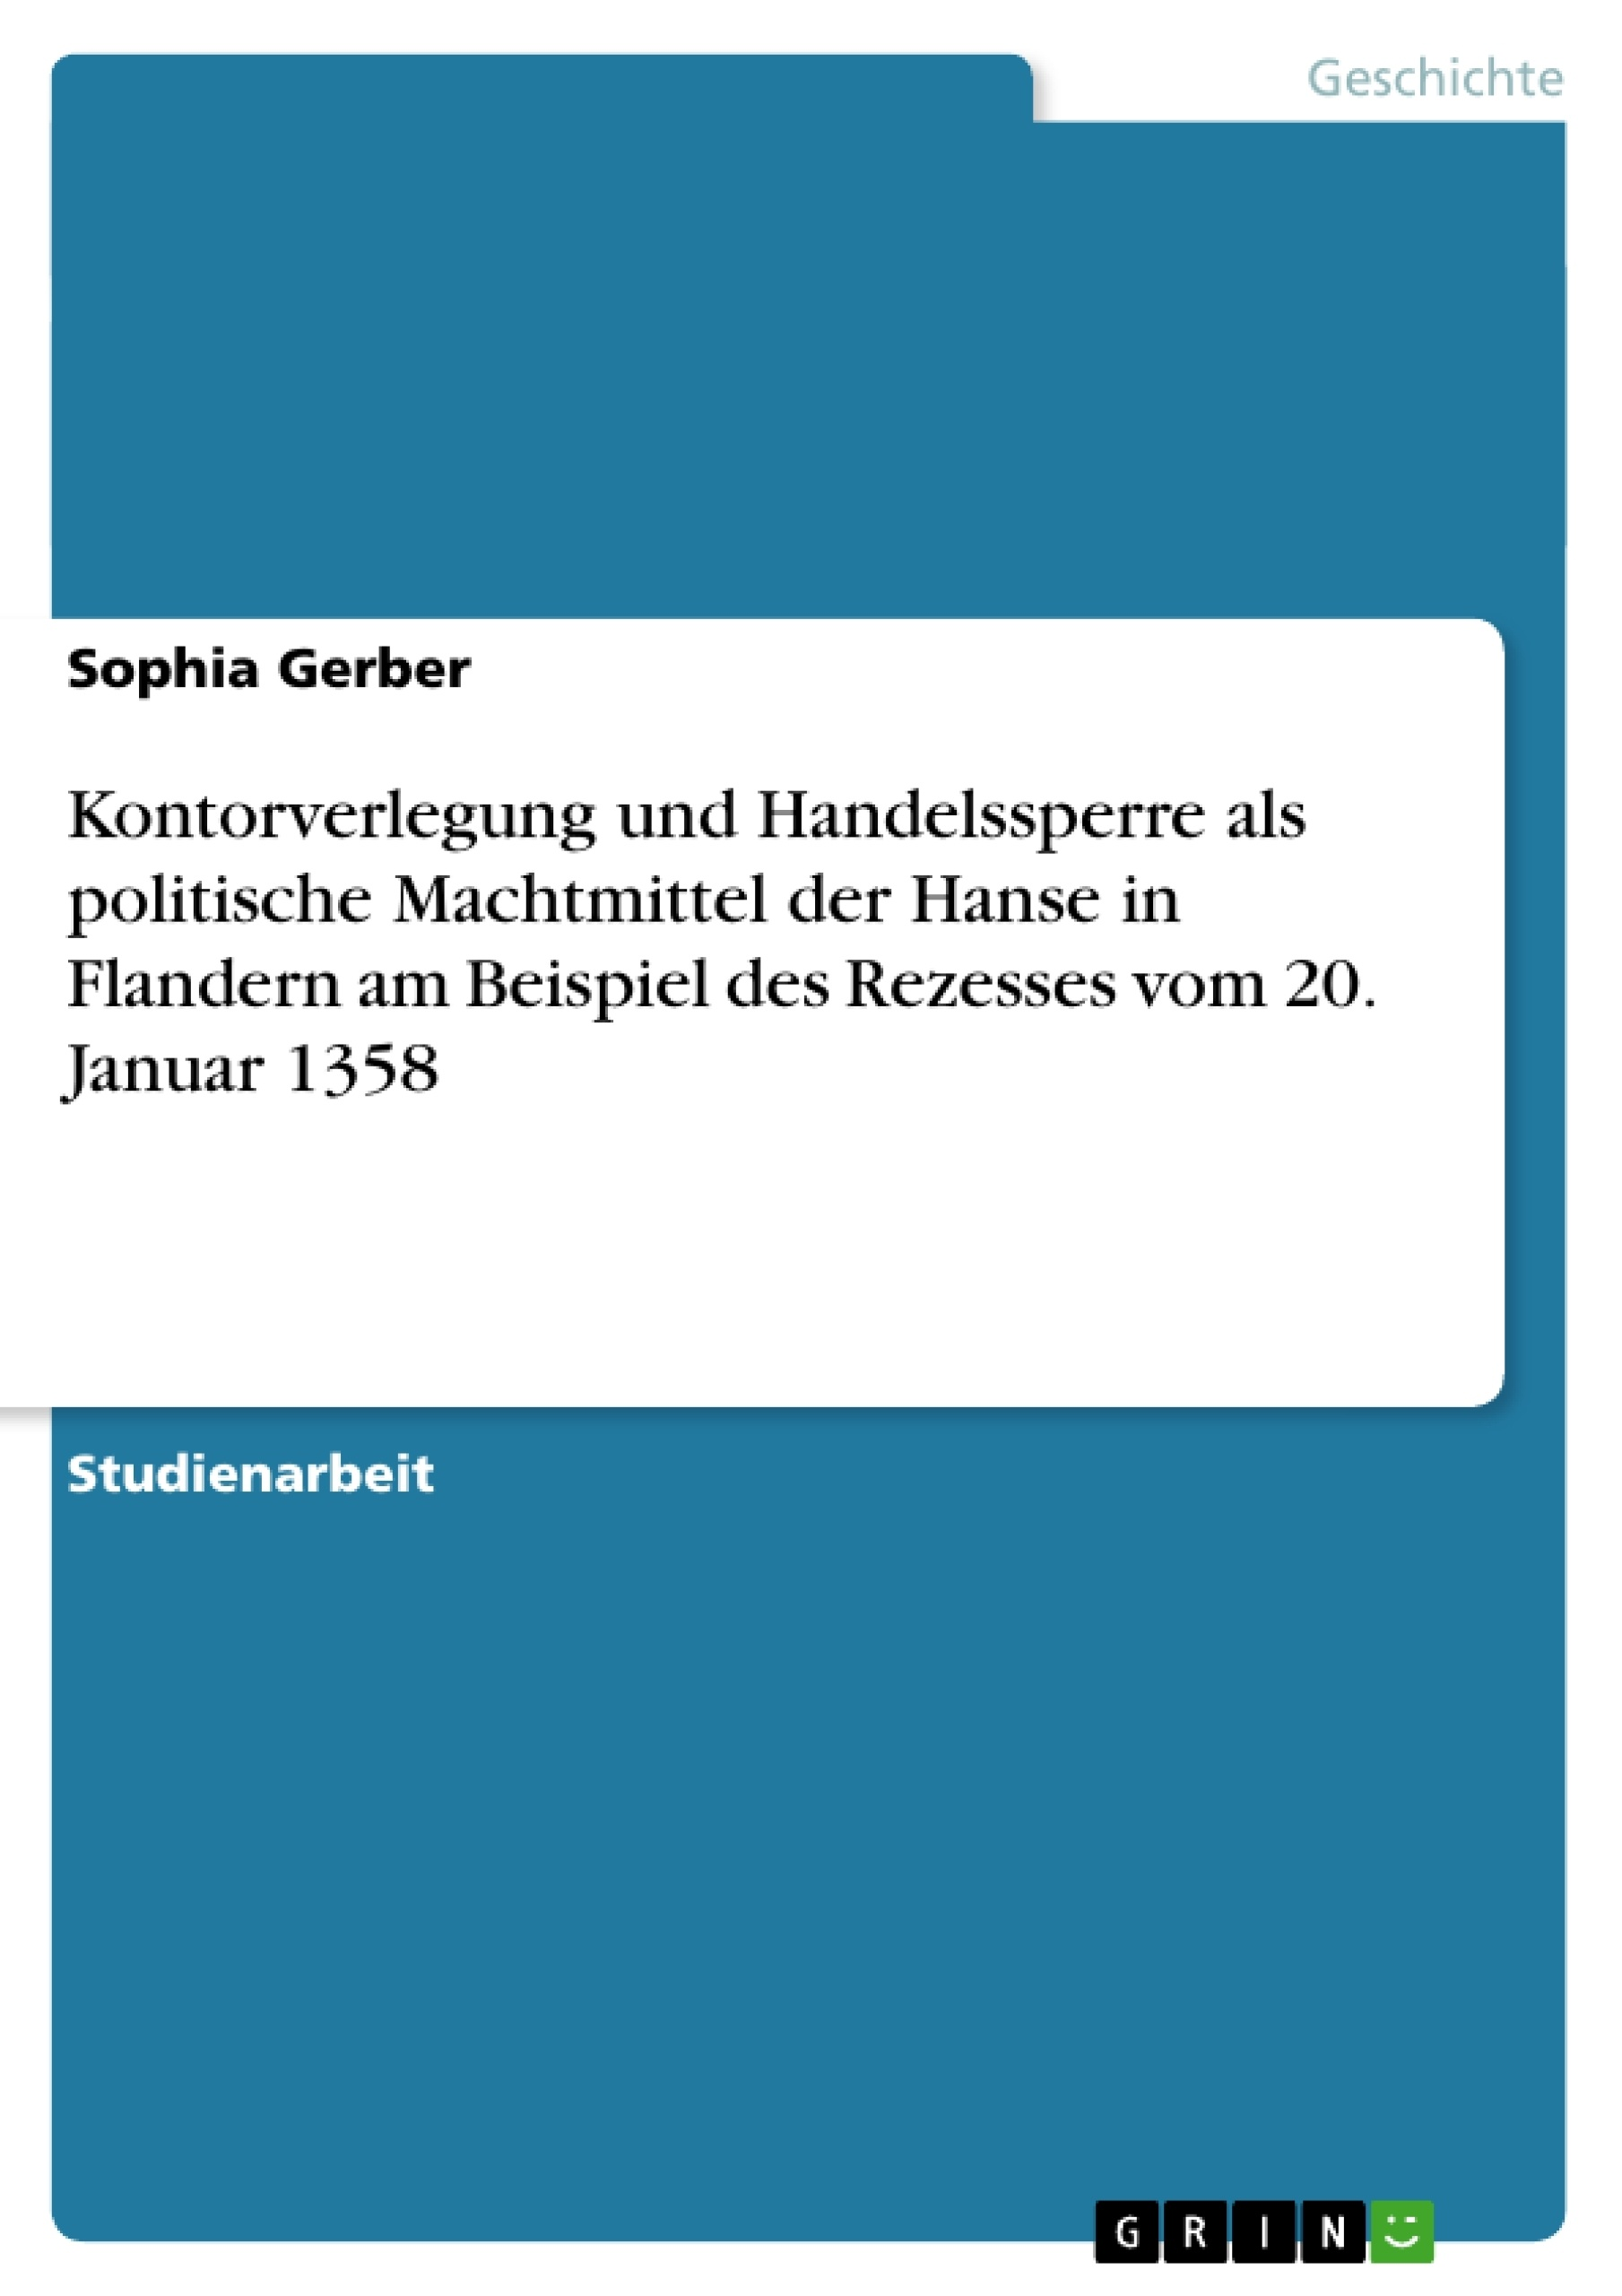 Titel: Kontorverlegung und Handelssperre als politische Machtmittel der Hanse in Flandern am Beispiel des Rezesses vom 20. Januar 1358